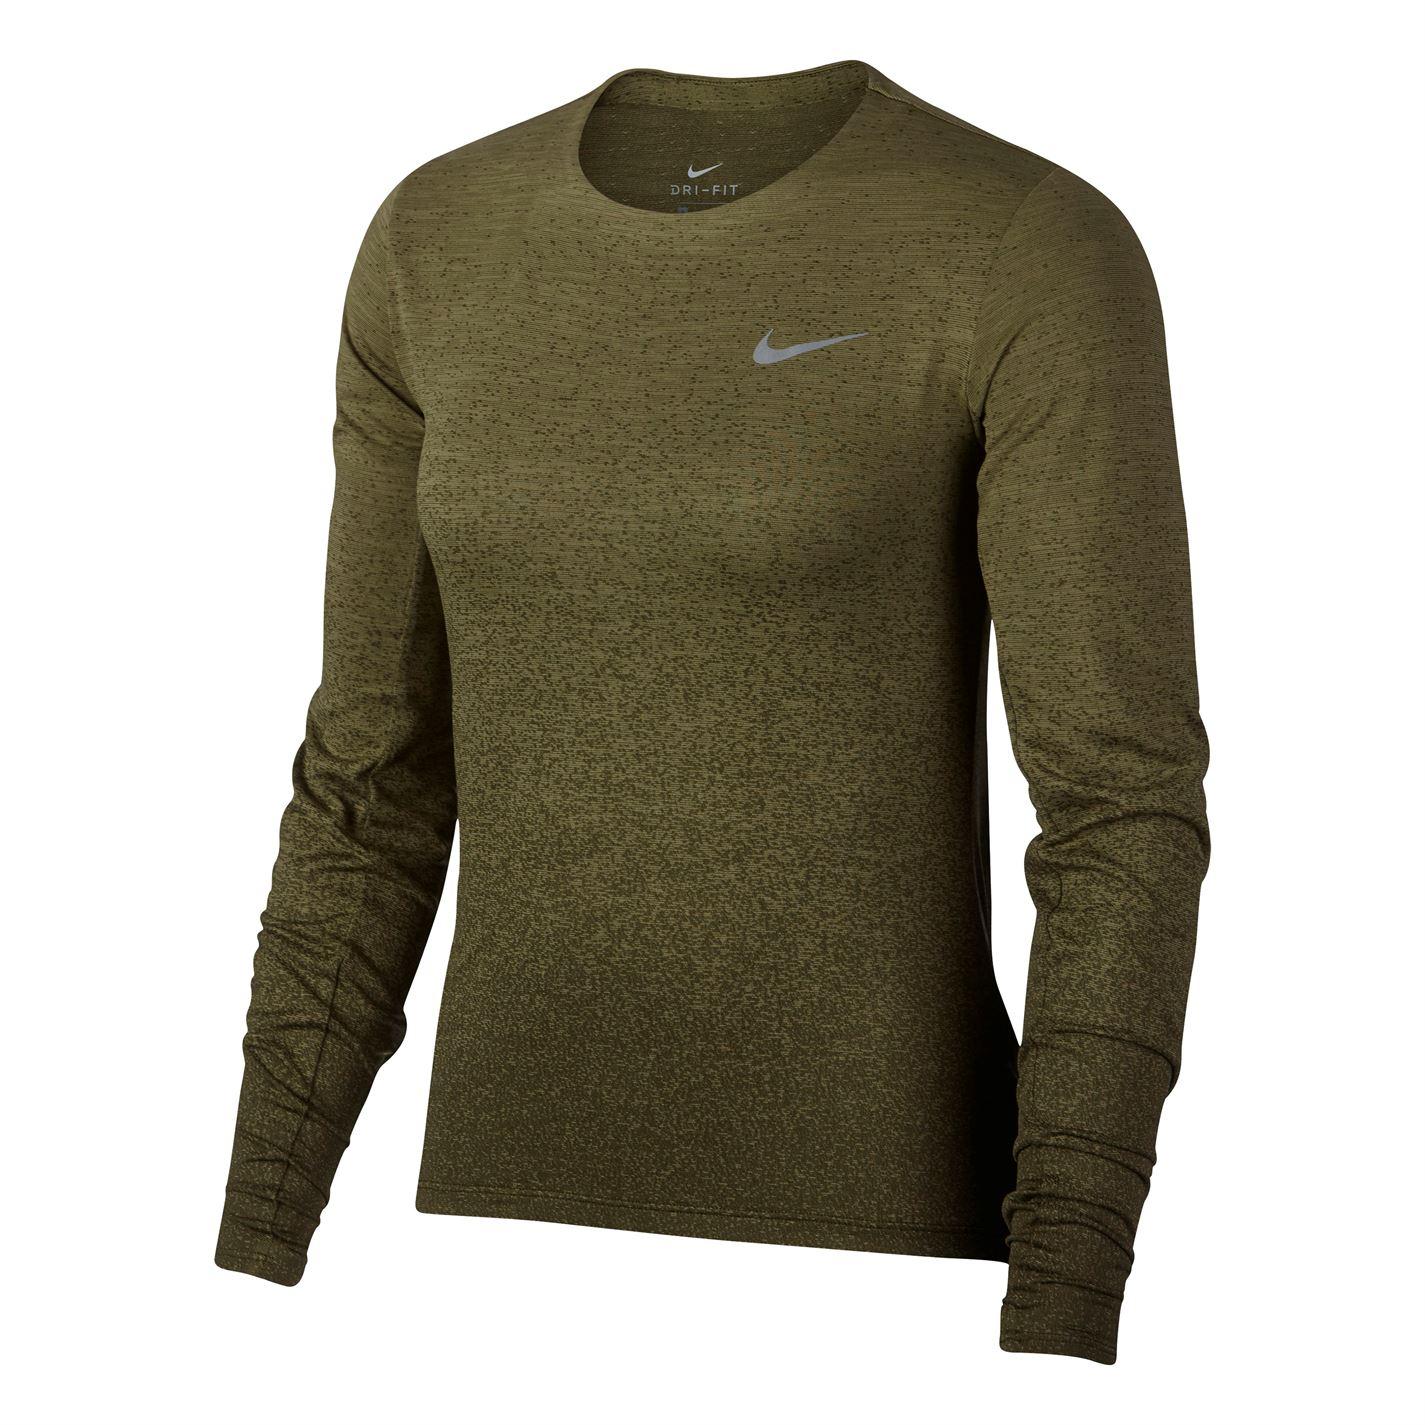 Triko Nike Medalist Long Sleeve Running Top dámské